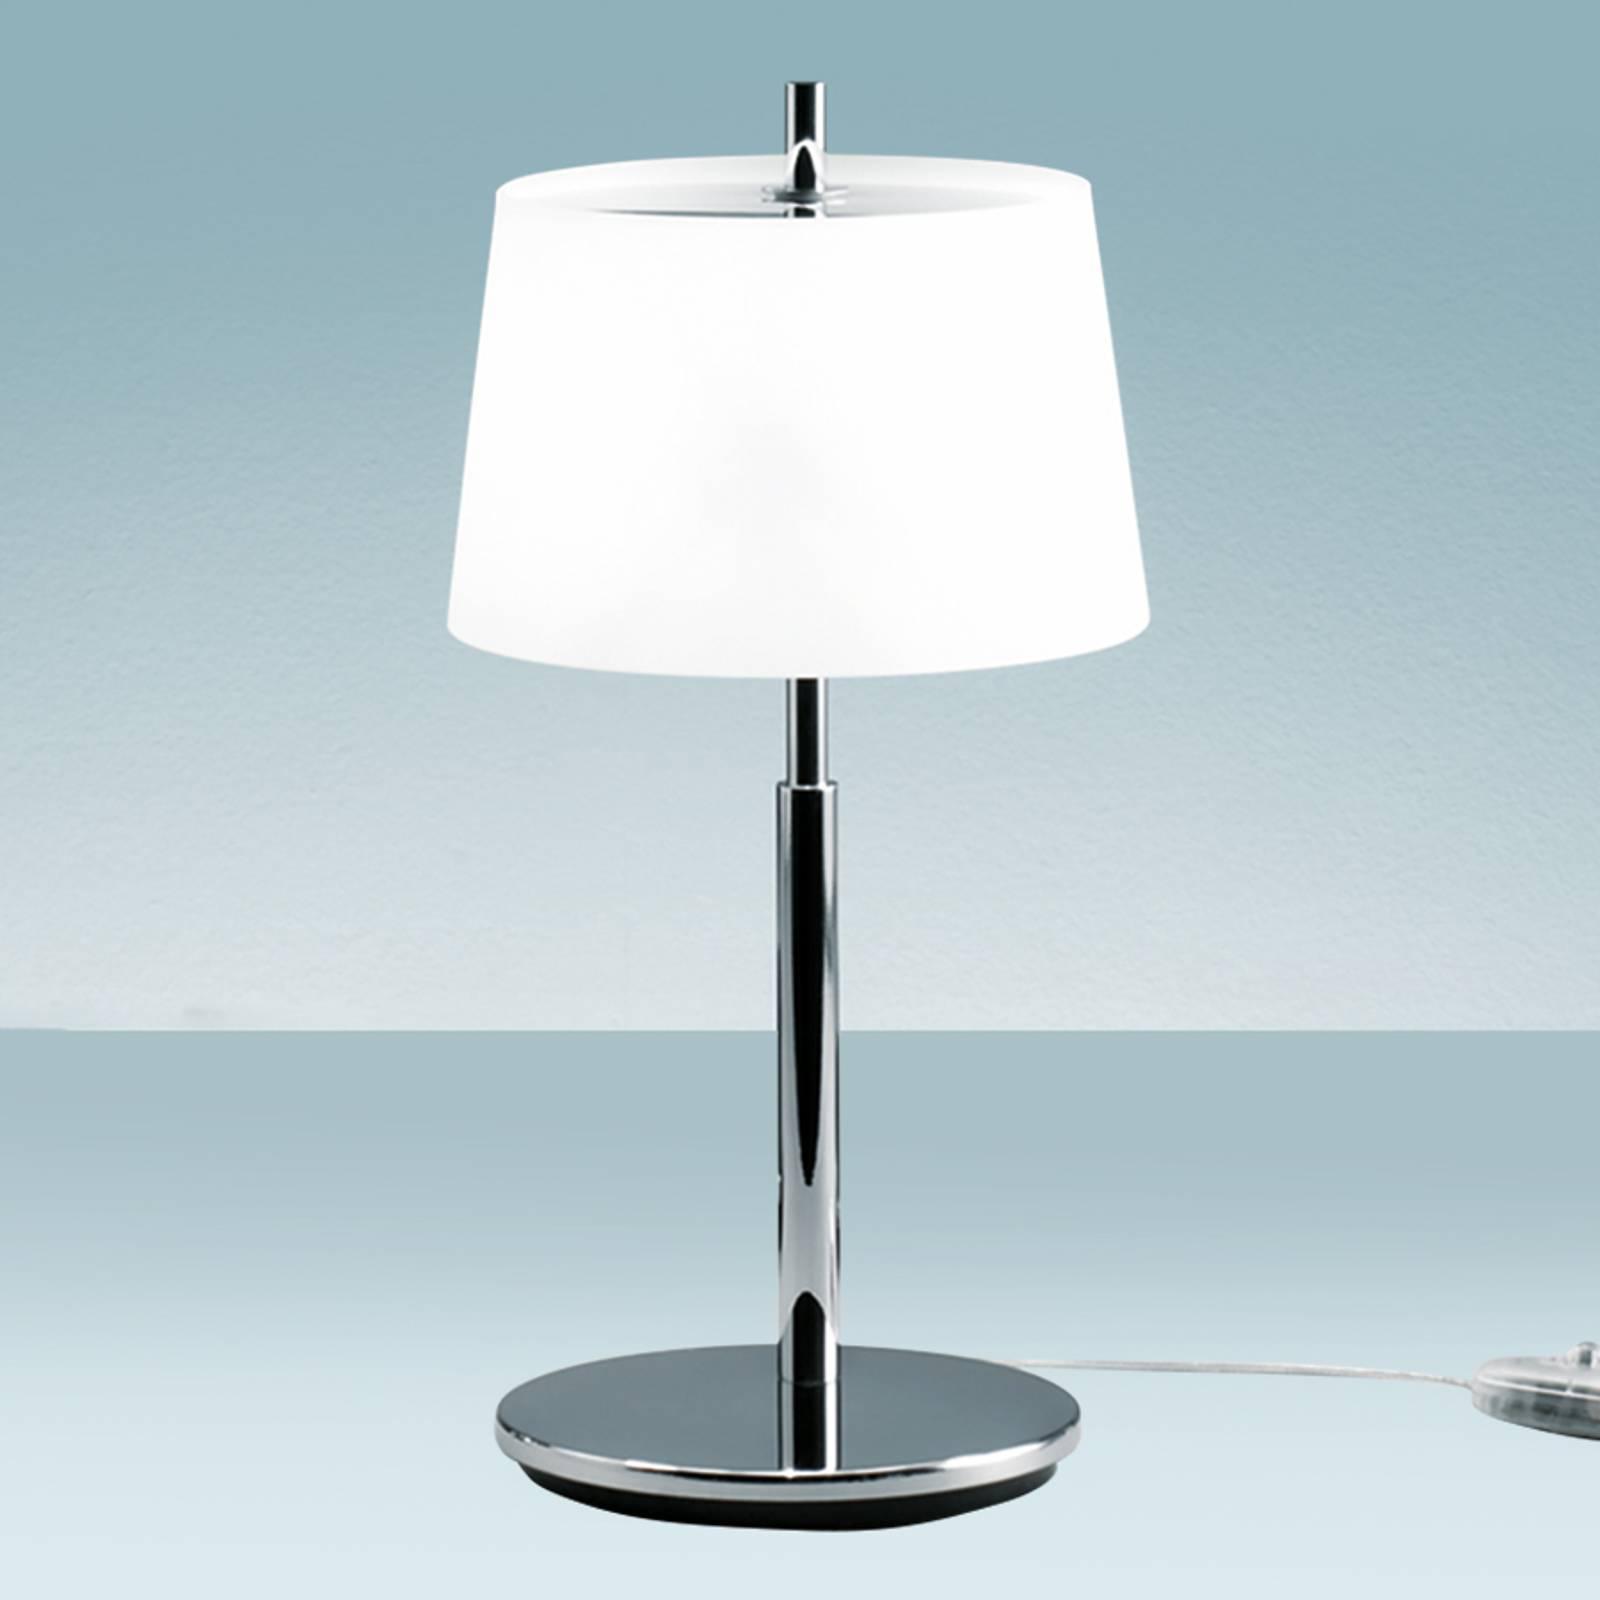 Prachtige tafellamp PASSION, 31 cm